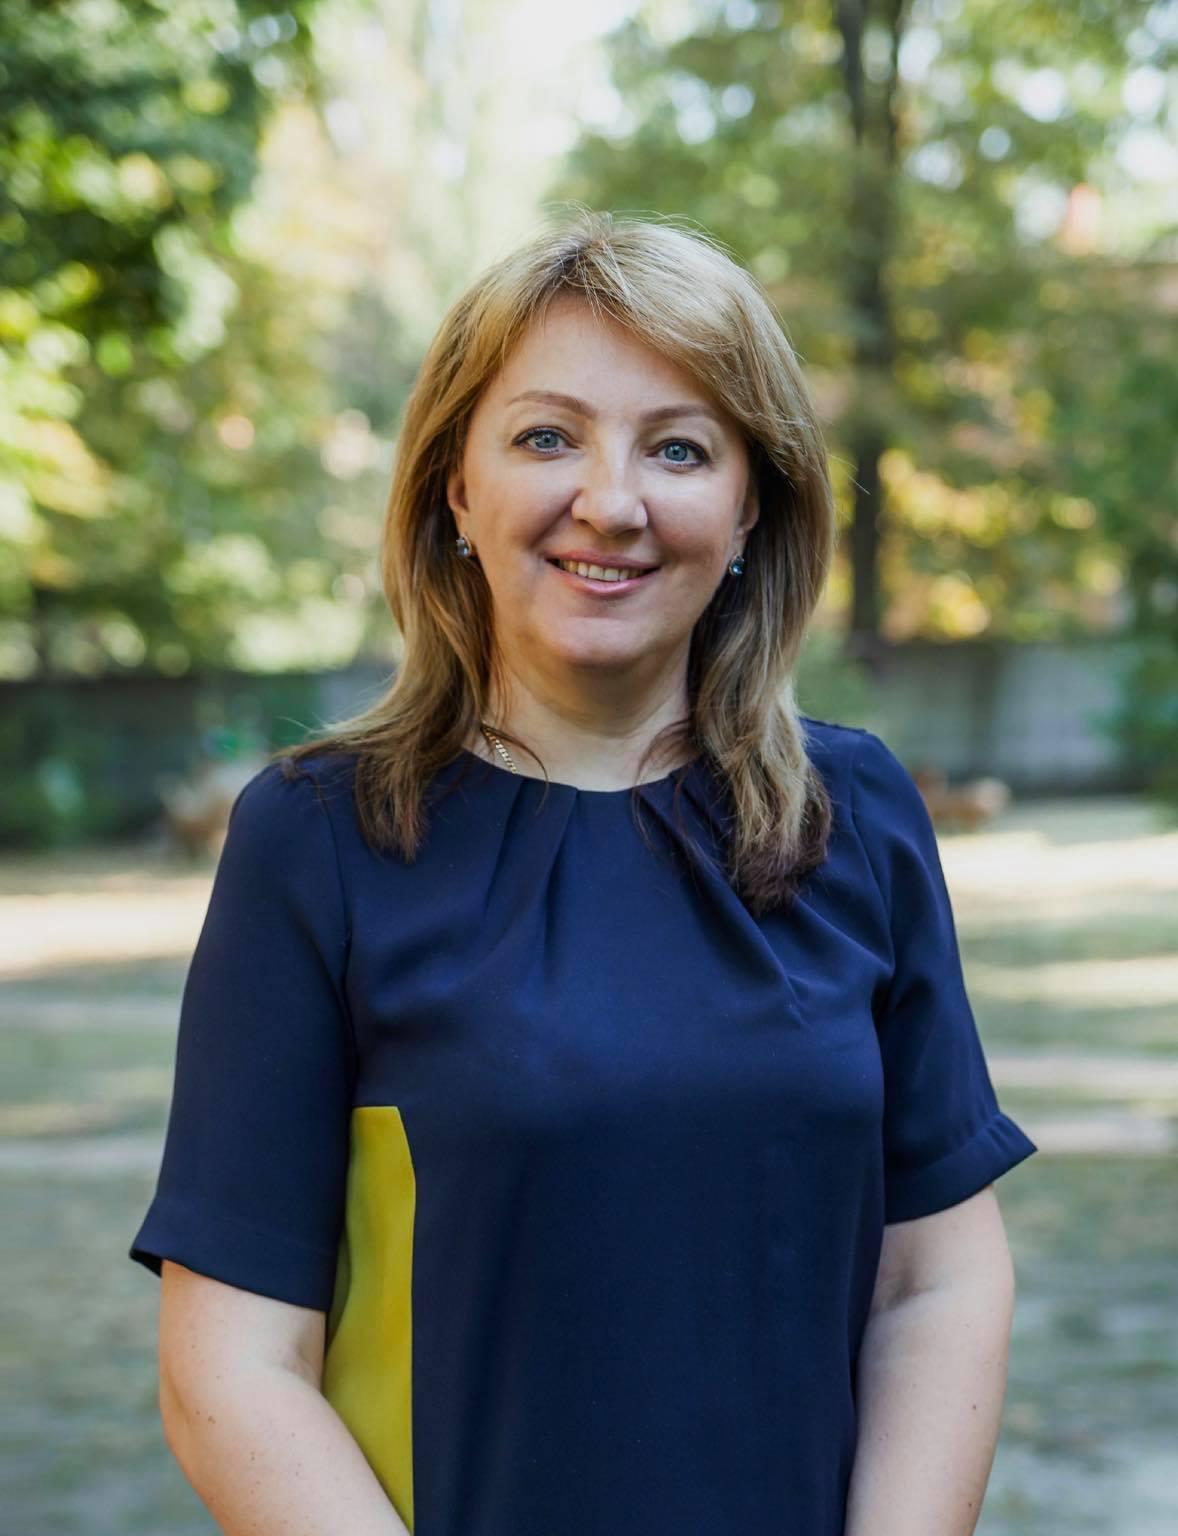 Директор детского сада для детей с особенностями развития «Дитина з майбутнім» Наталья Стручек